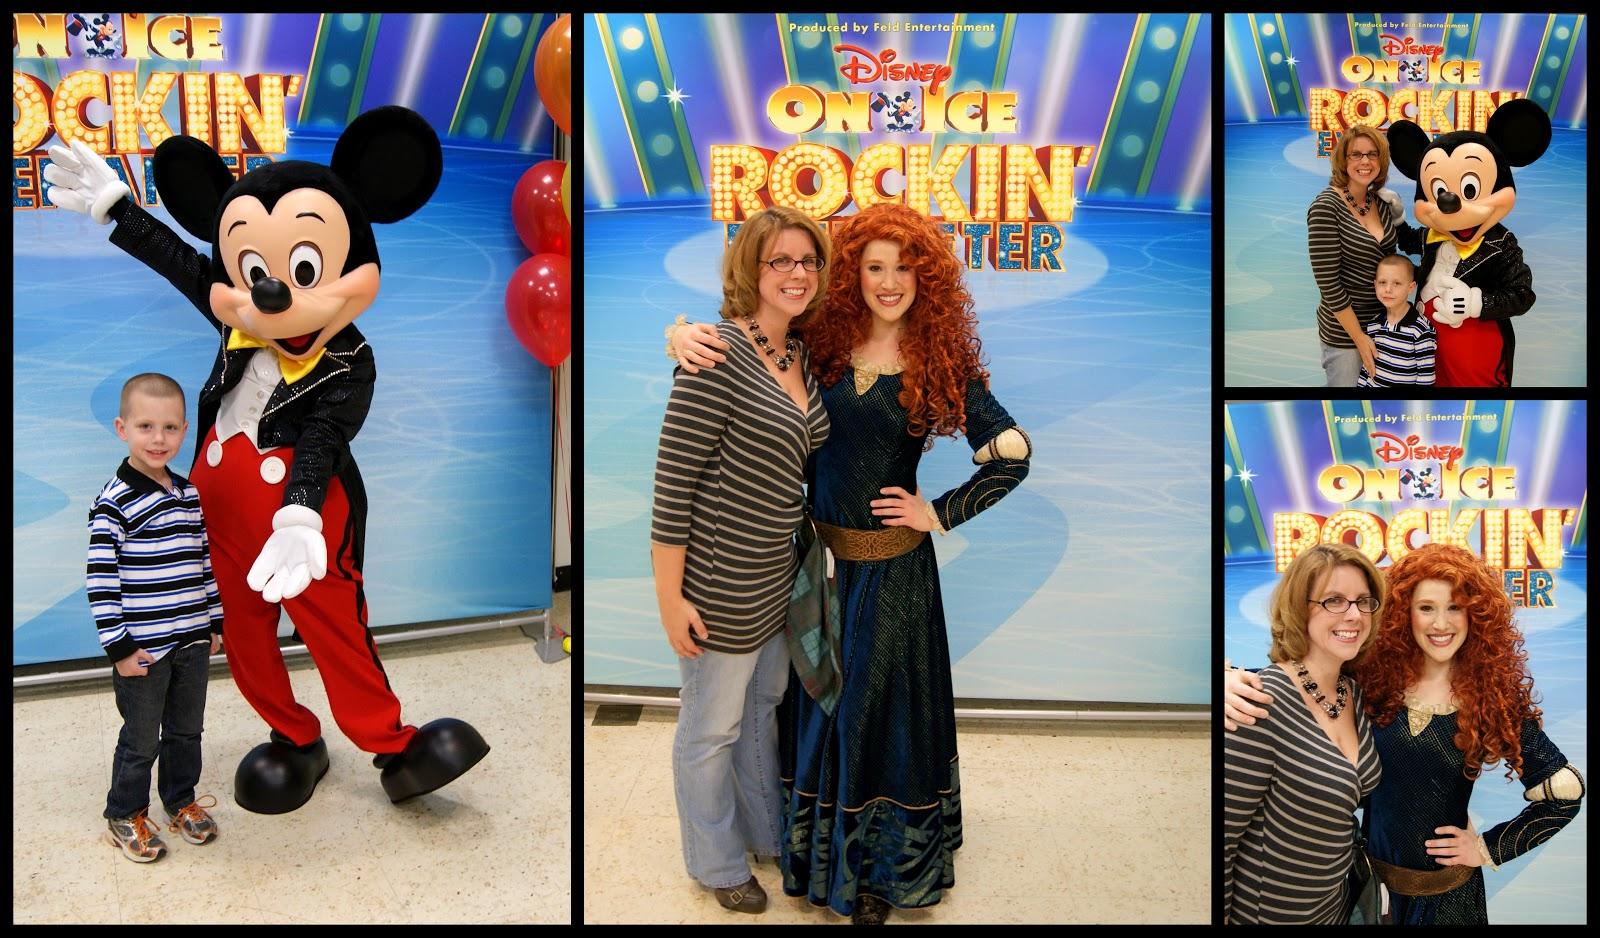 http://3.bp.blogspot.com/-zP4k9pRCbYY/UIlX_I7K5MI/AAAAAAAADRg/5nHAFaBykes/s1600/2012-10-24+Rockin+Ever+After+-+Meeting+Mickey+and+Merida.jpg